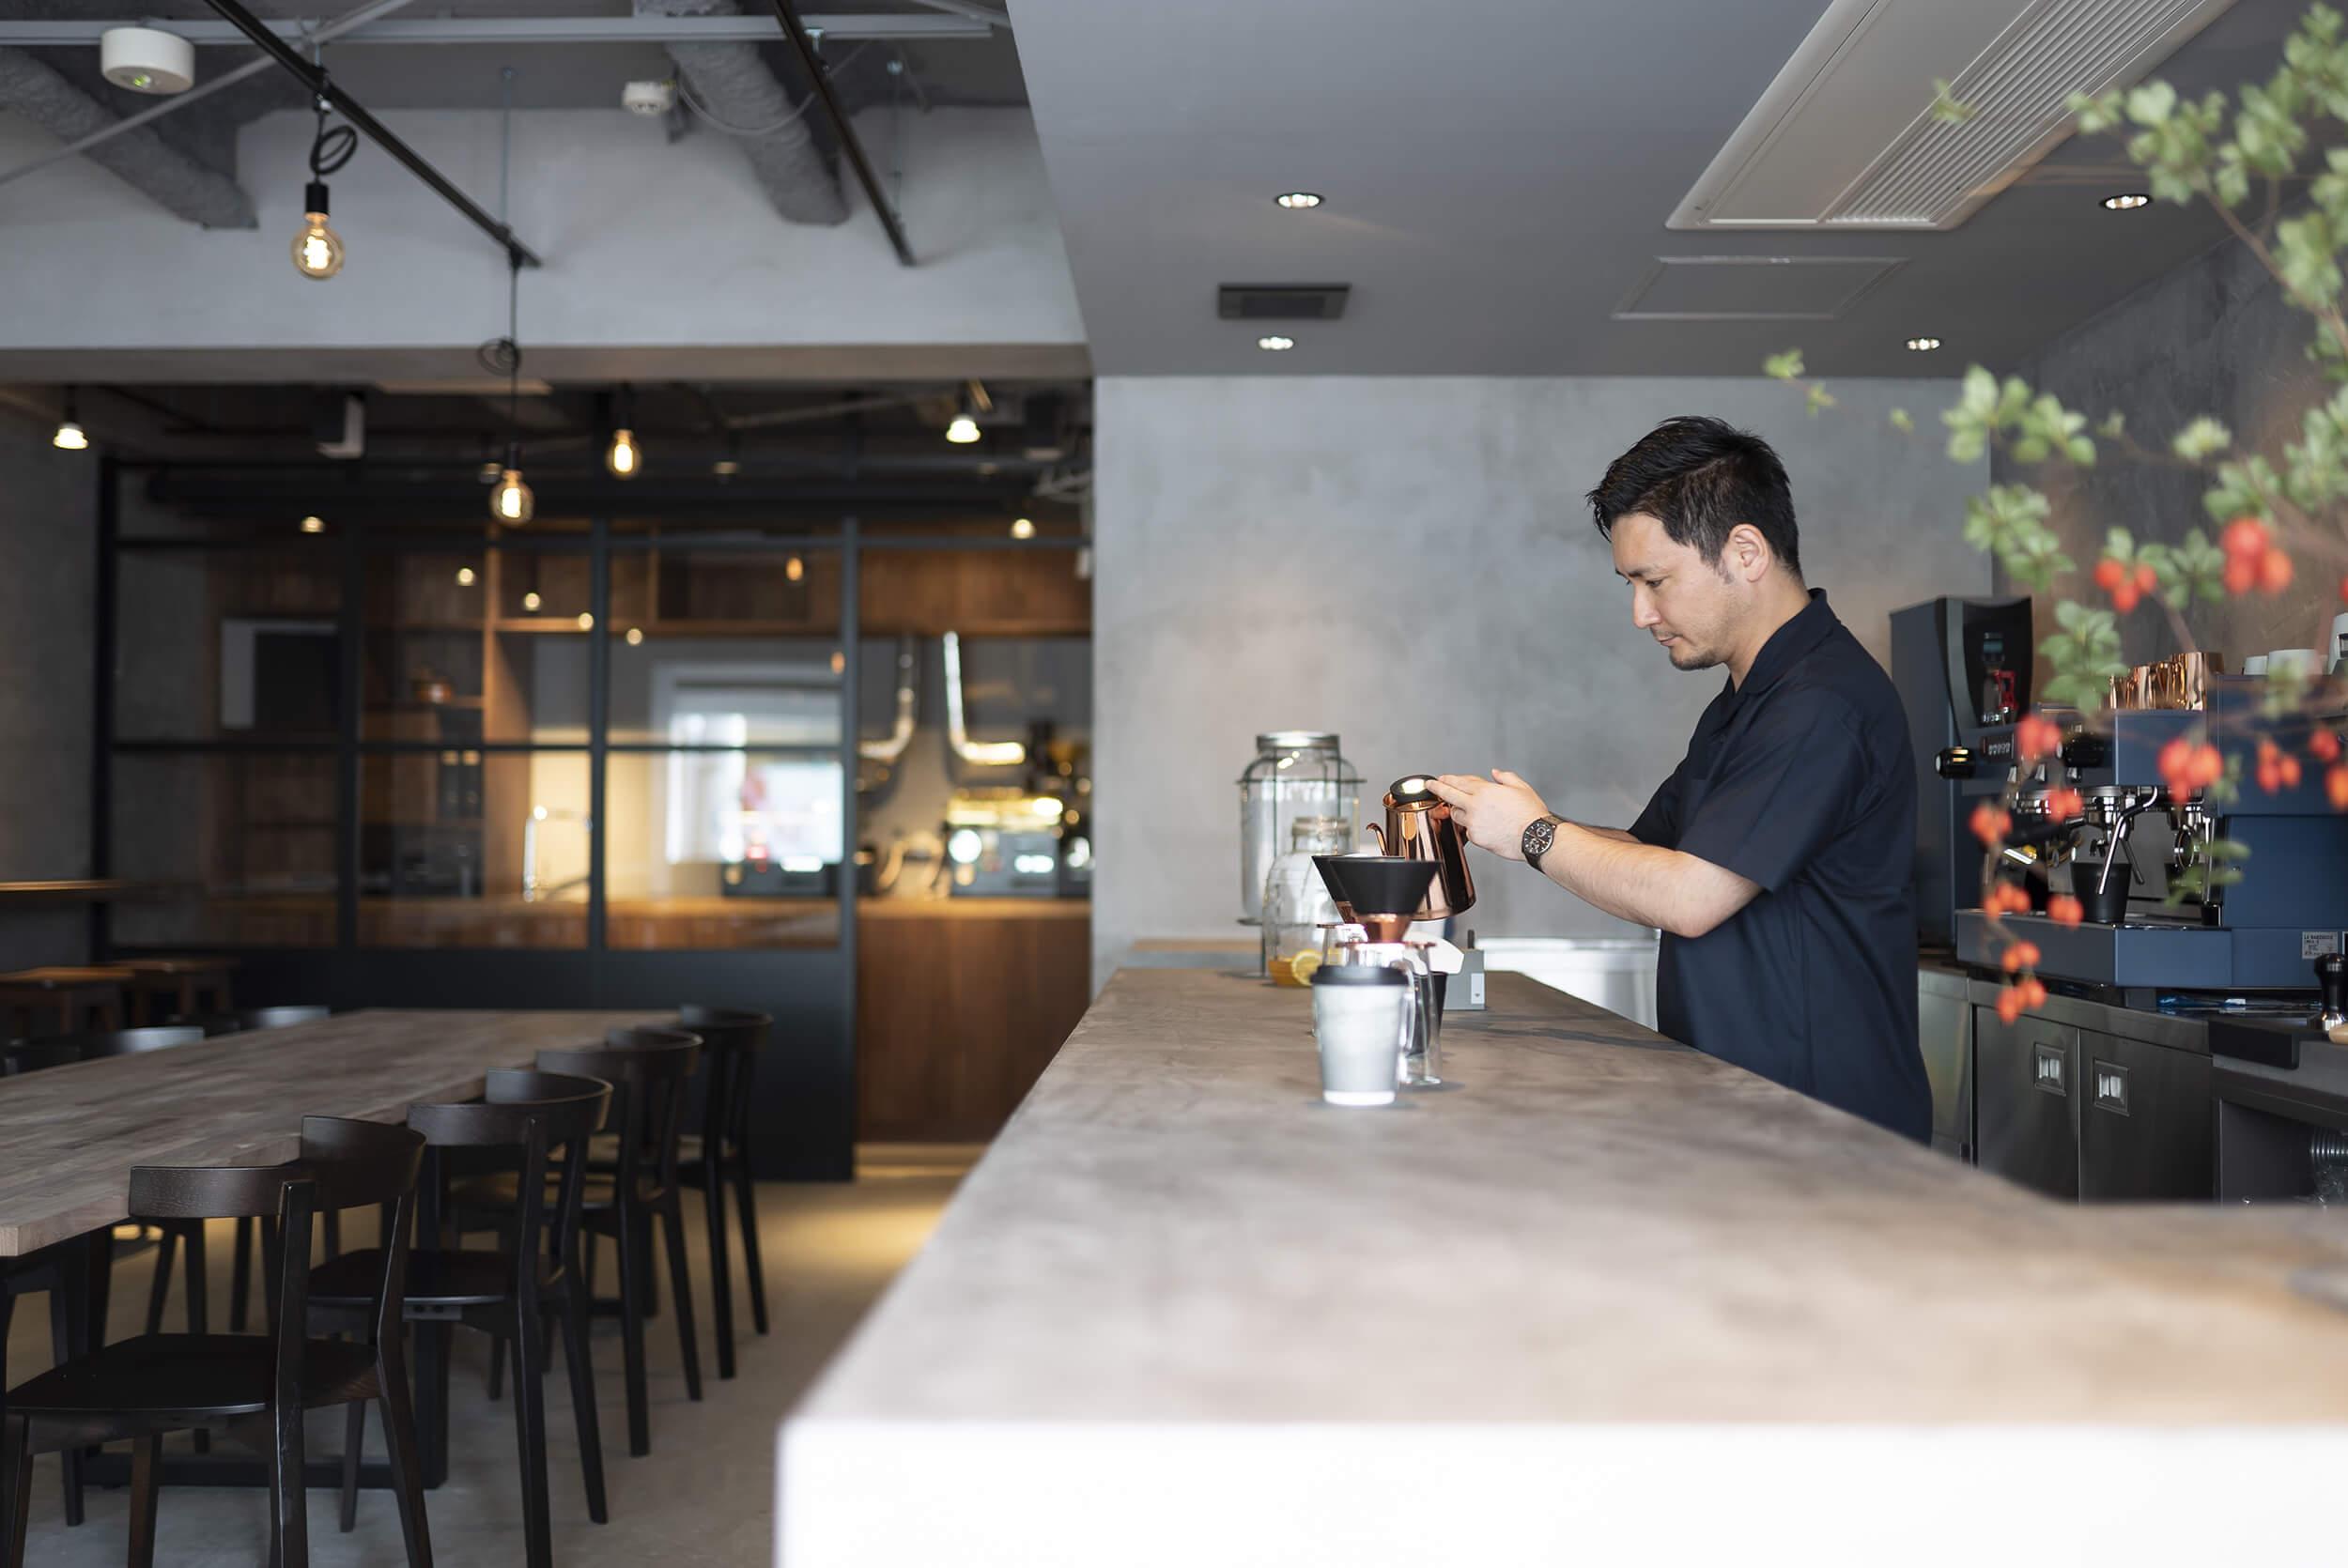 beasty-coffee-cafe-laboratory-%ef%bc%88%e3%83%92%e3%82%99%e3%83%bc%e3%82%b9%e3%83%86%e3%82%a3%e3%83%bc%e3%82%b3%e3%83%bc%e3%83%92%e3%83%bc-%e3%82%ab%e3%83%95%e3%82%a7%e3%83%a9%e3%83%9b%e3%82%99-6